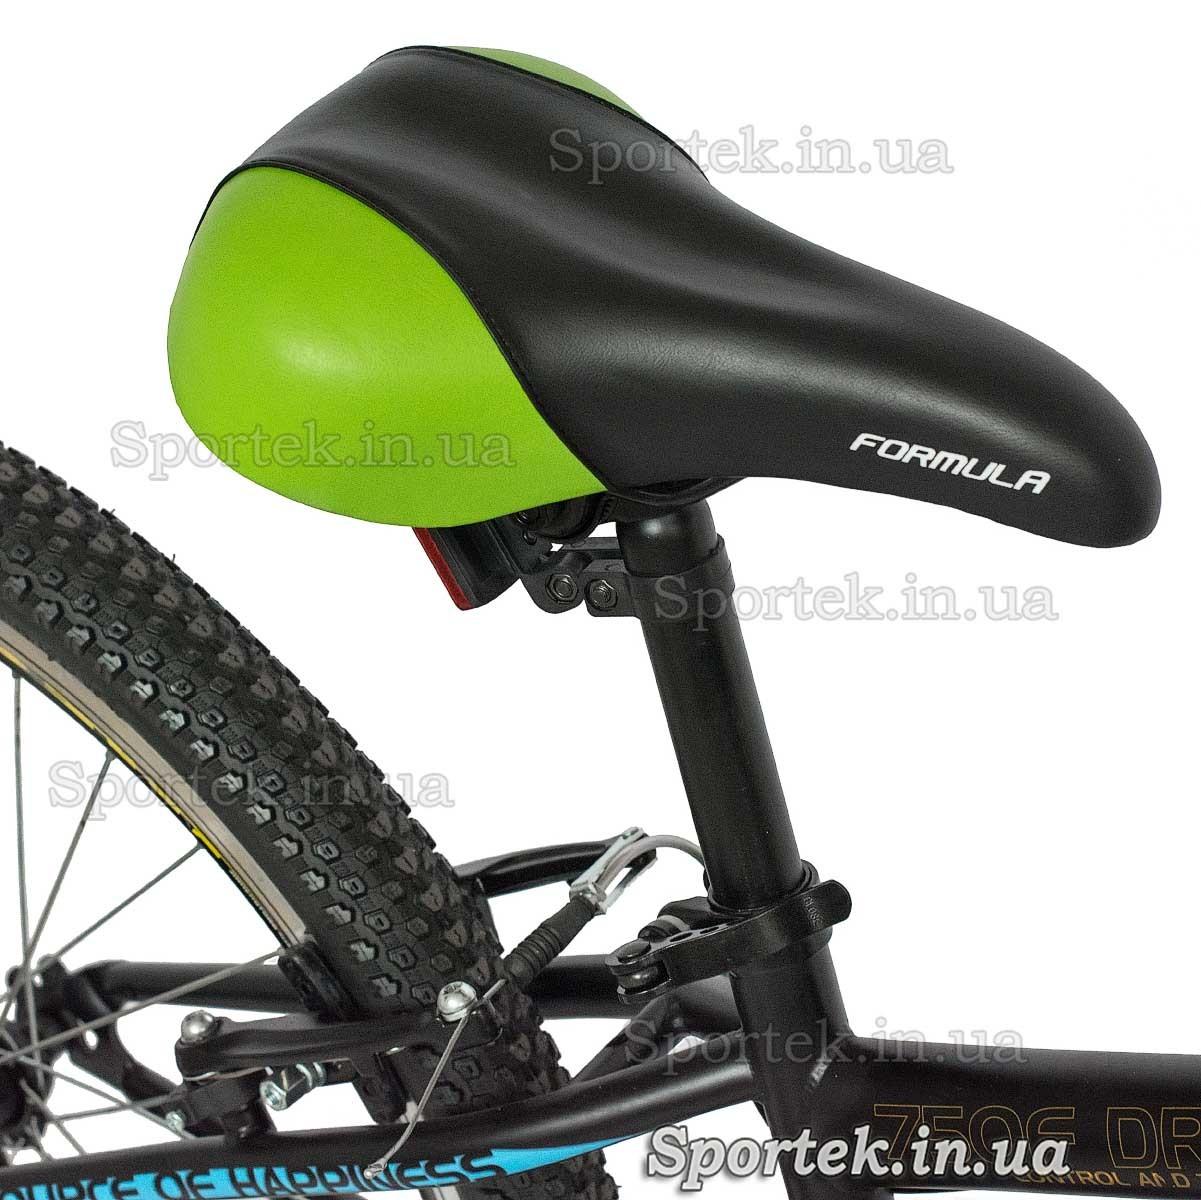 Сідло гірського універсального підліткового велосипеда Формула Компас 2016